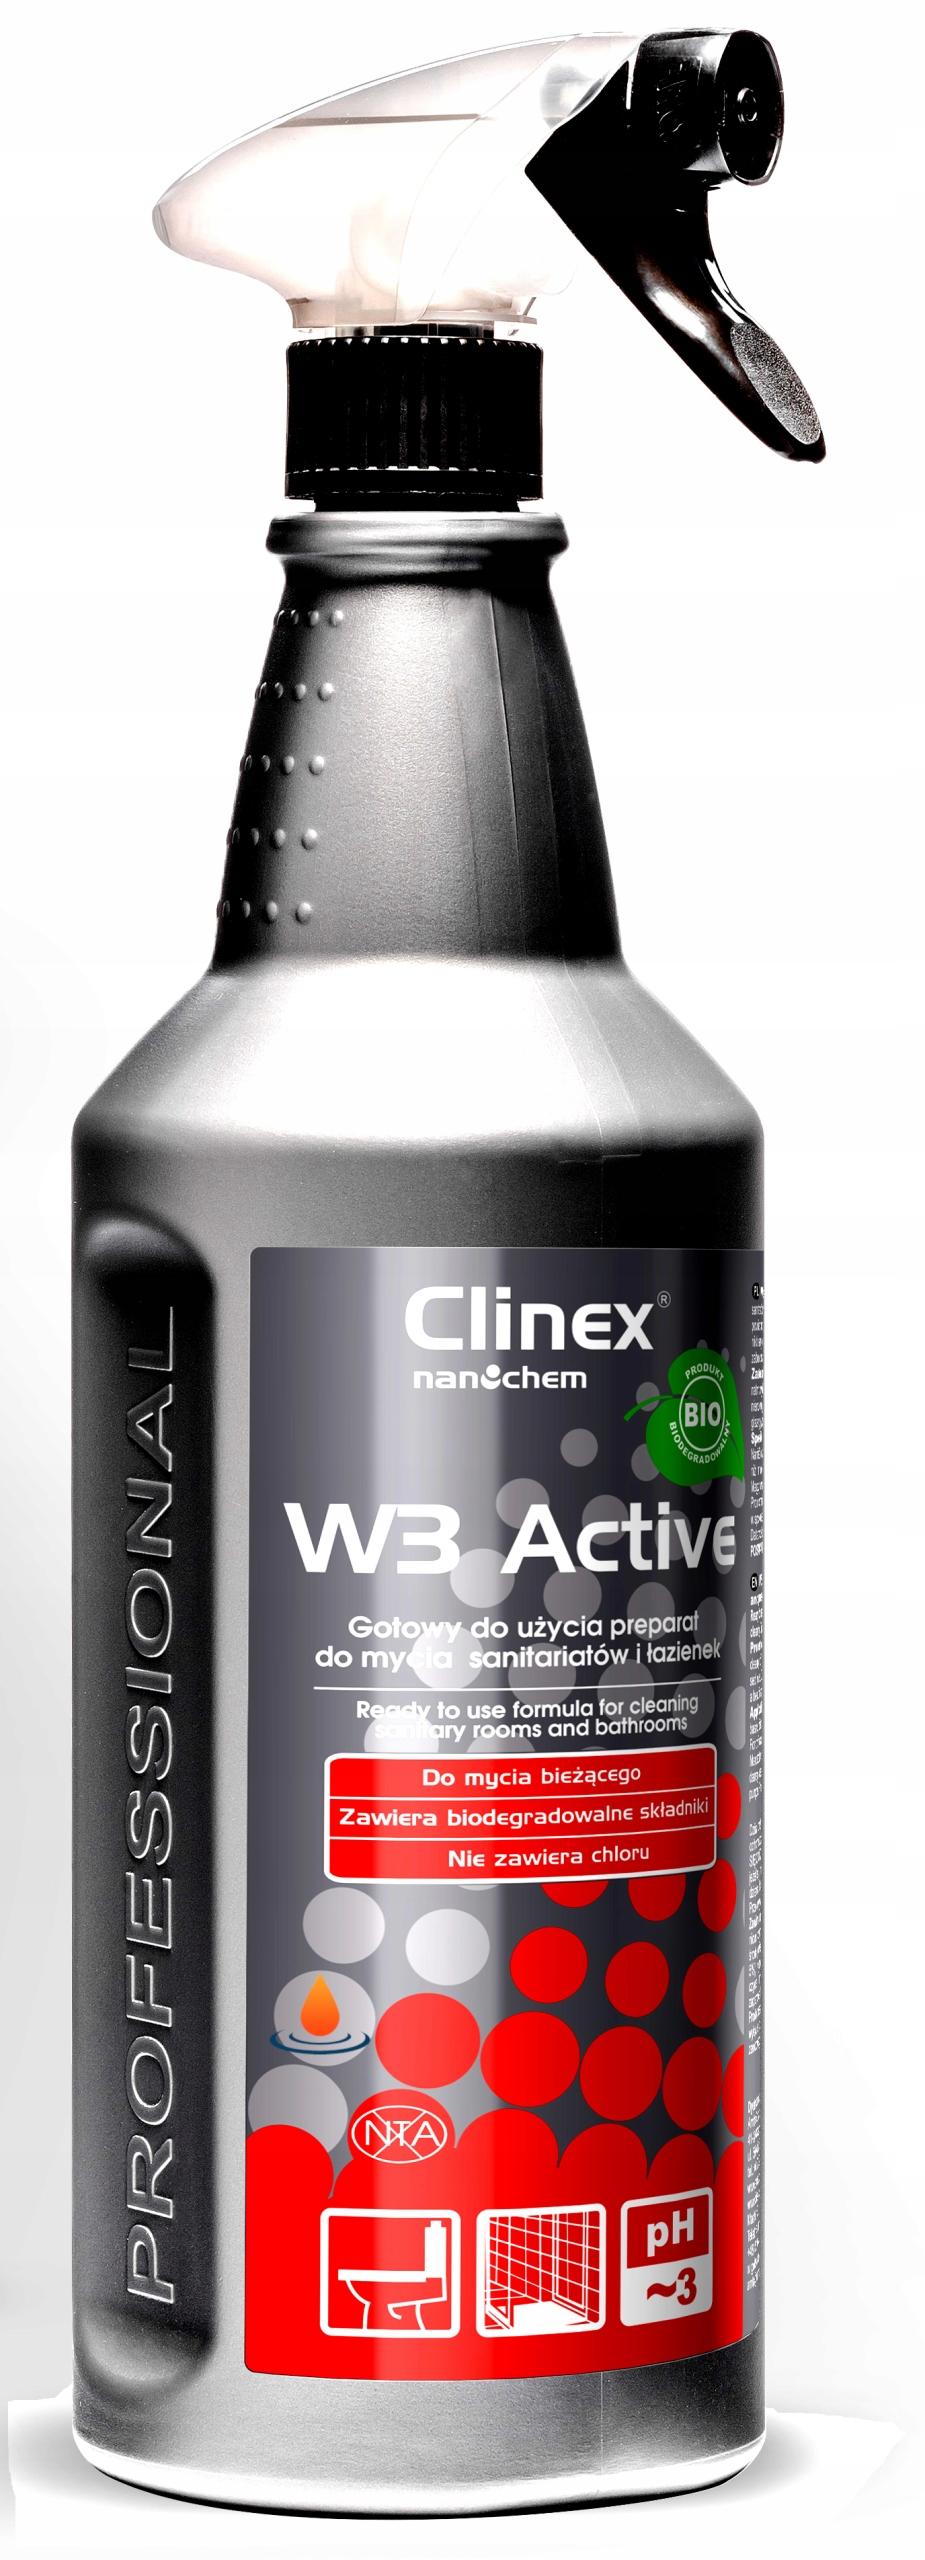 CLINEX W3 ACTIVE BIO, Płyn do mycia łazienki 1L